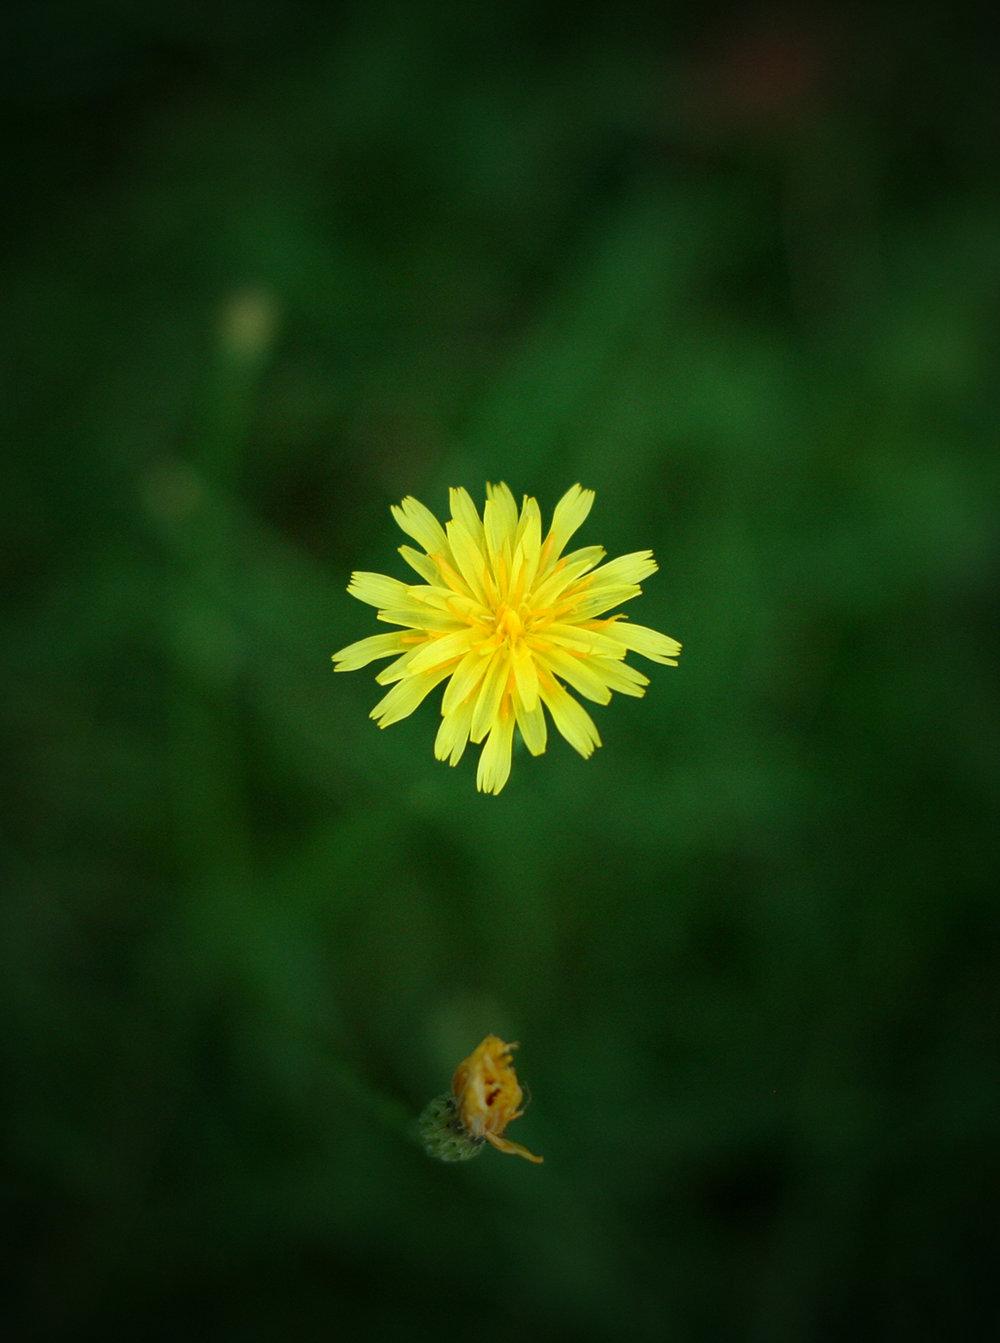 Yellow hawkweed